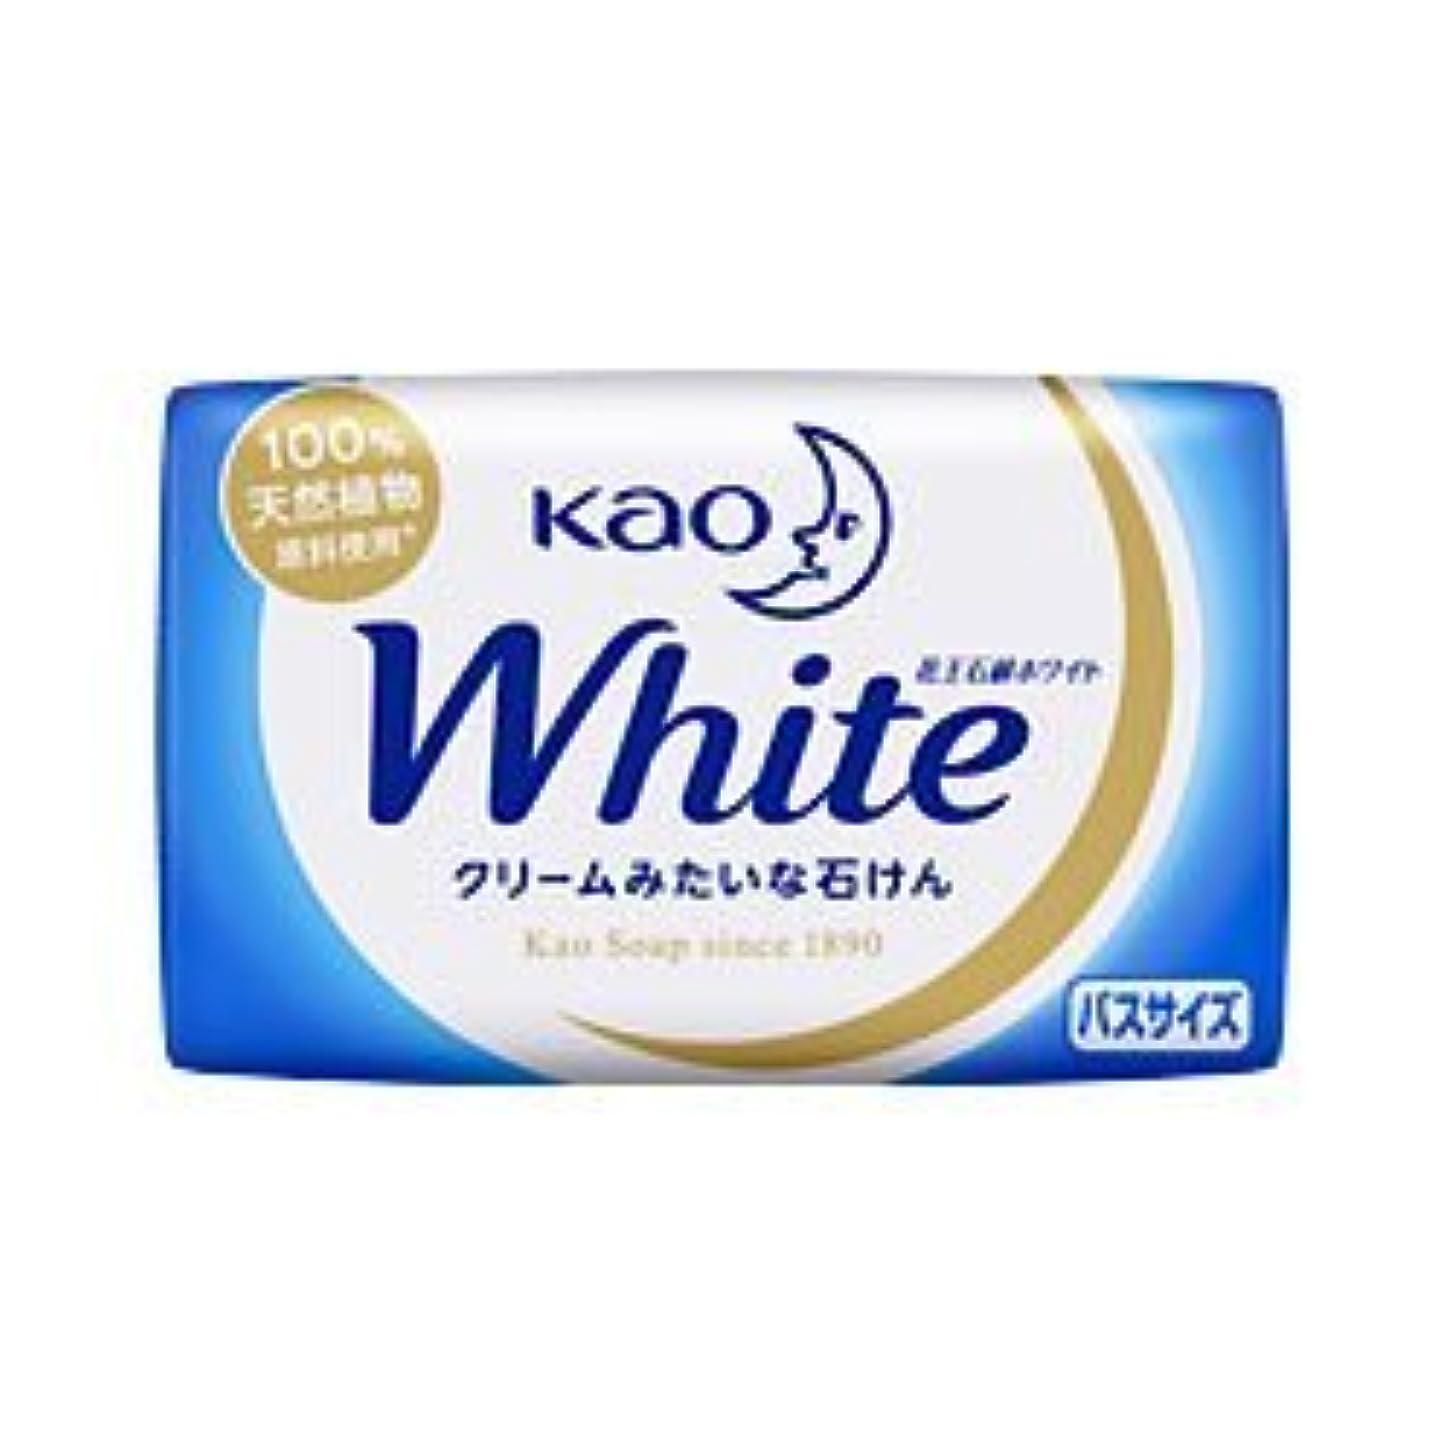 妥協ダイジェスト落ち着く【花王】花王ホワイト バスサイズ 1個 130g ×10個セット